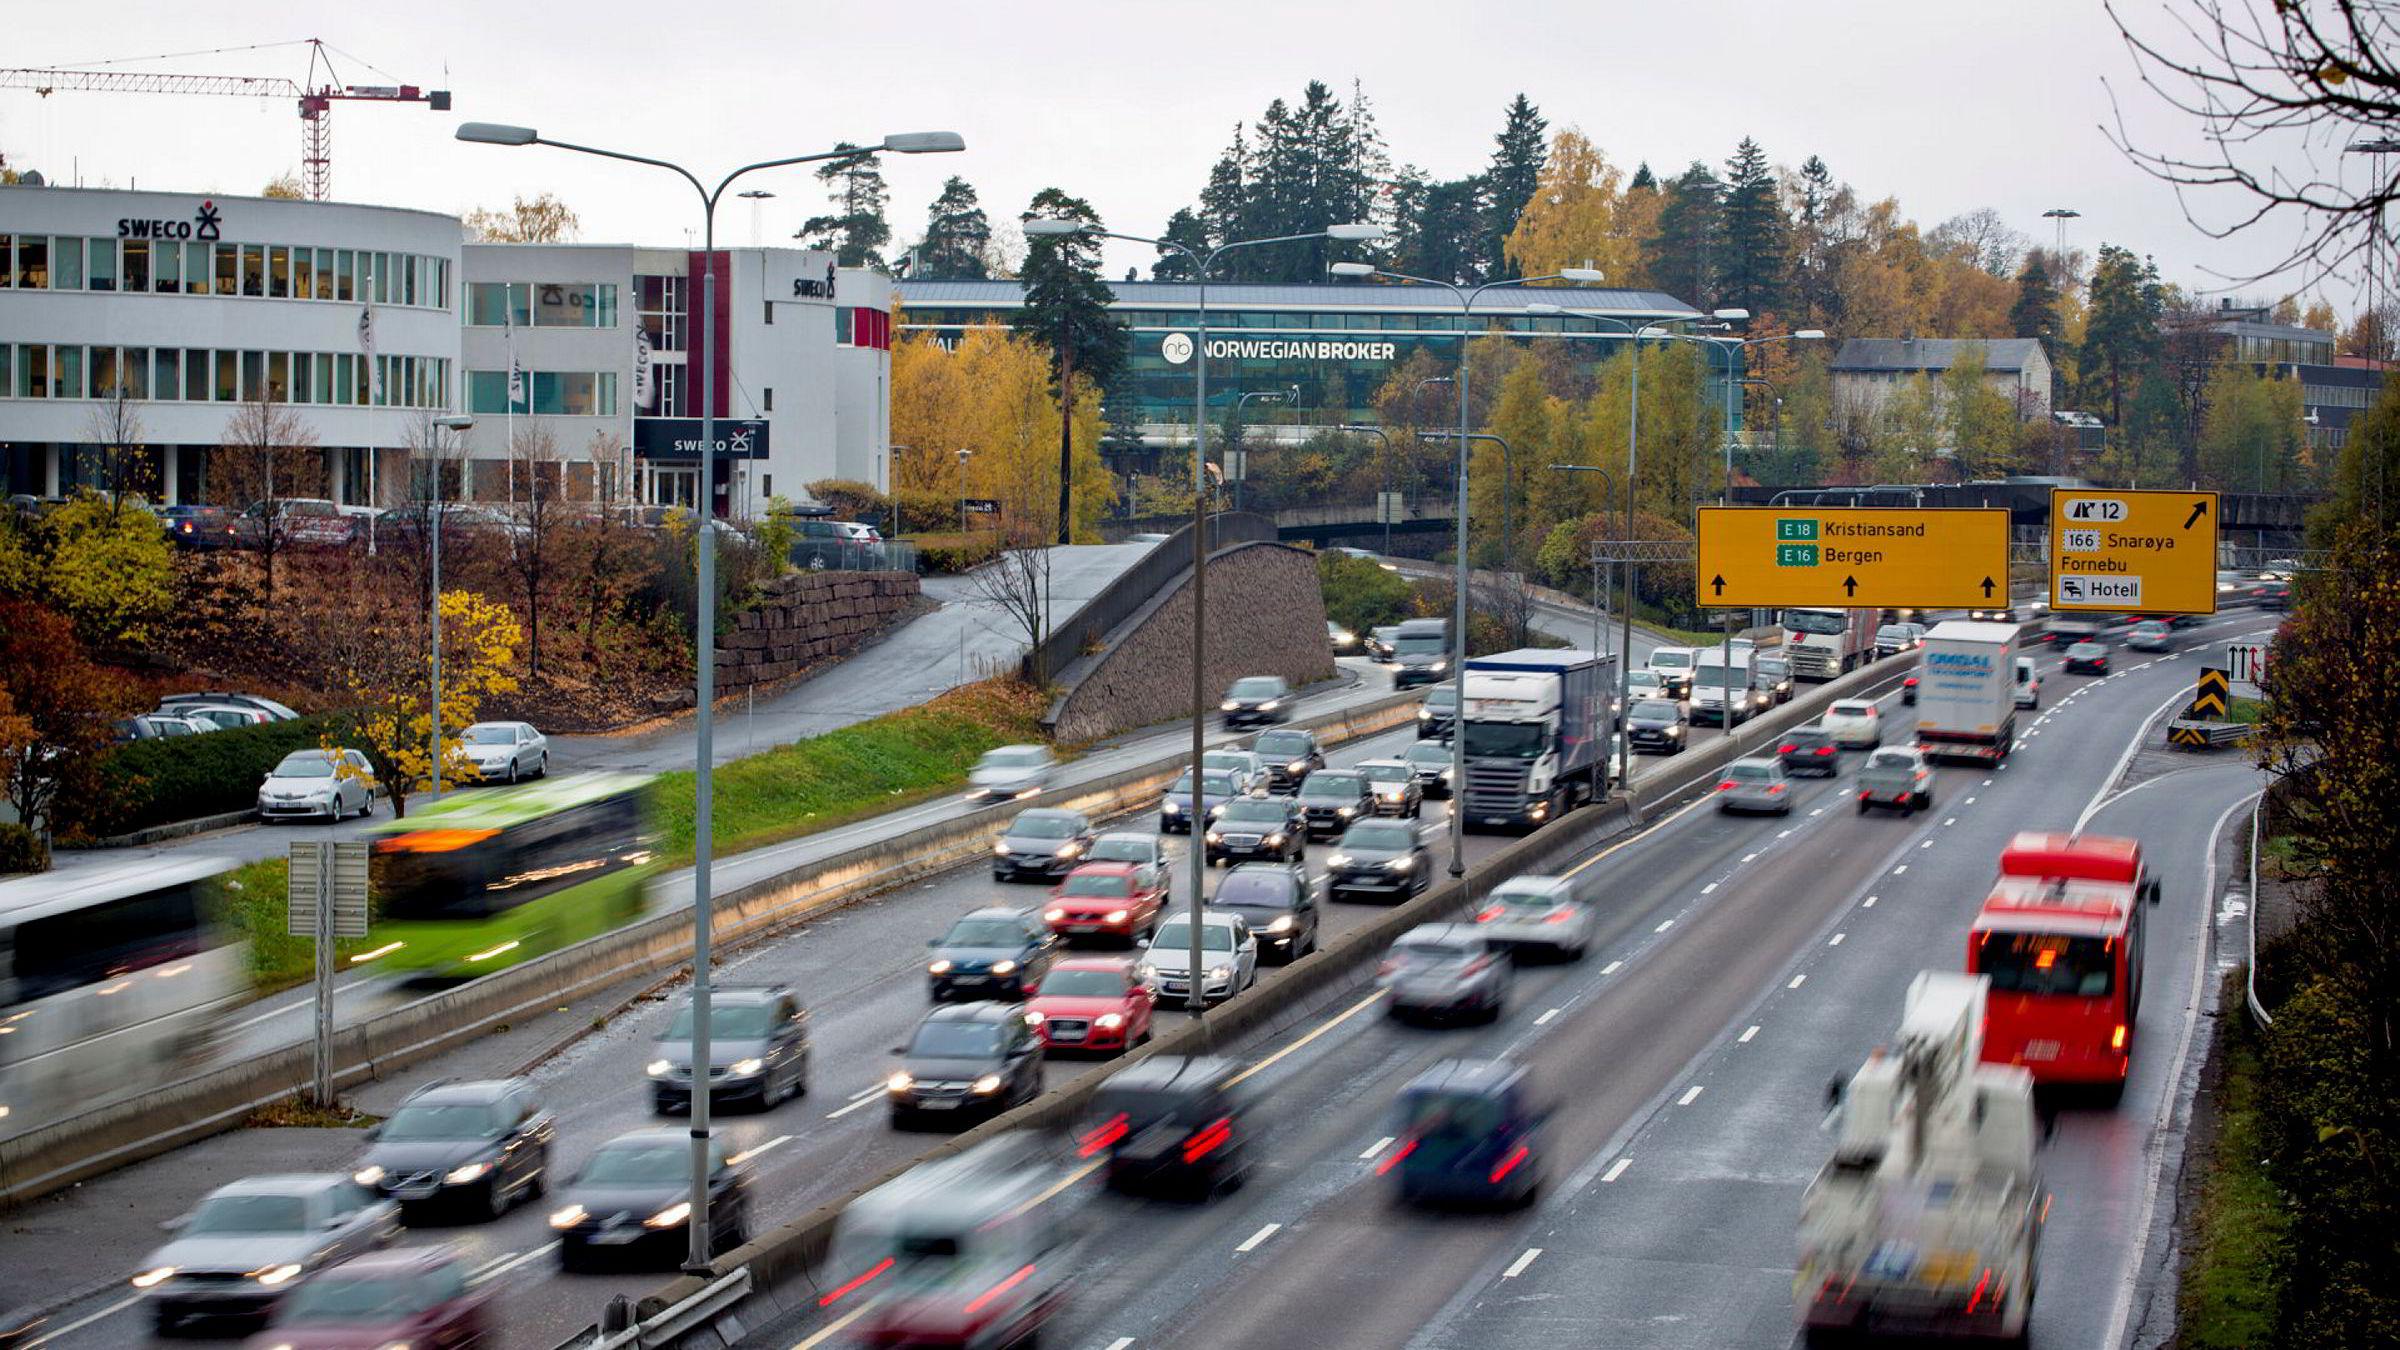 E18 inn mot Oslo skal bygges ut for flere titall milliarder. Sannsynligvis kan vi forbedre trafikkflyten med langt mindre ressurser, skriver Morten Welde. Her E18 sett fra Lysaker-lokket.